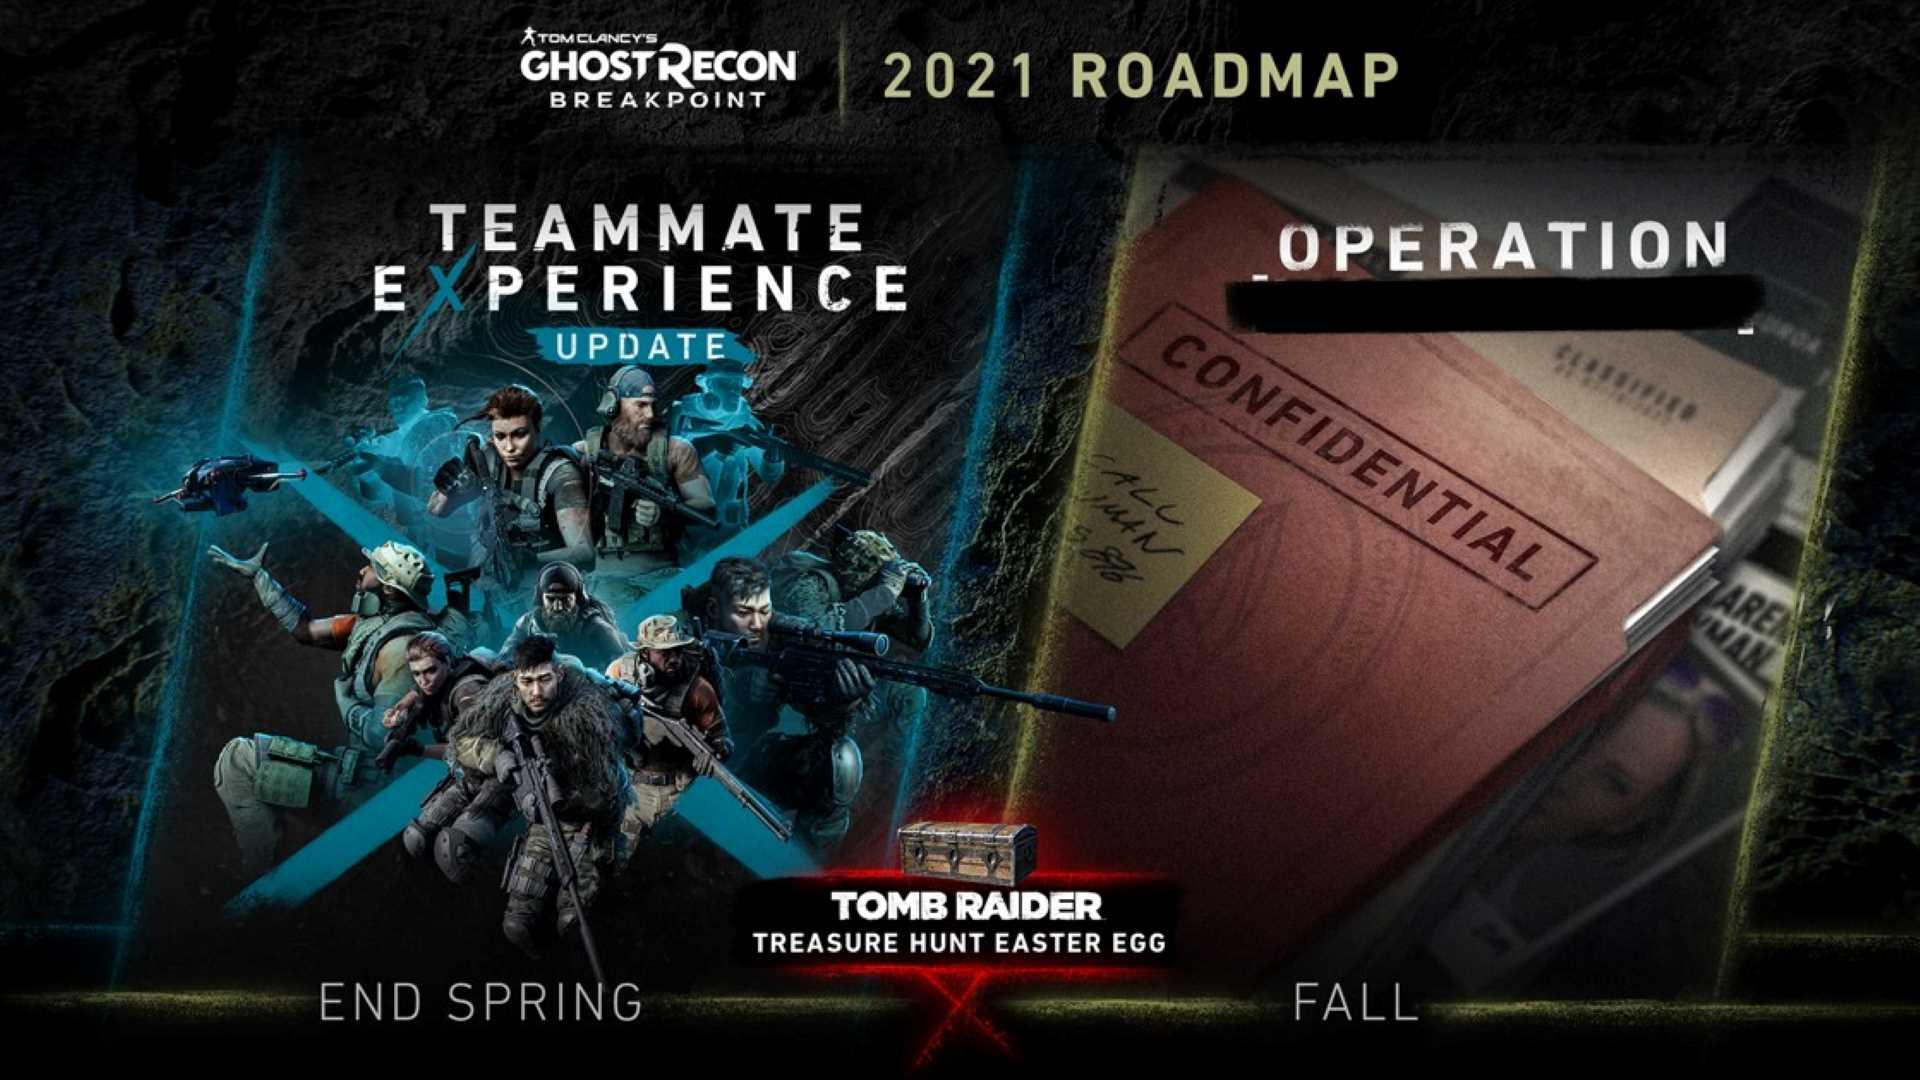 Ghost Recon Breakpoint Roadmap 2021 - Überblick